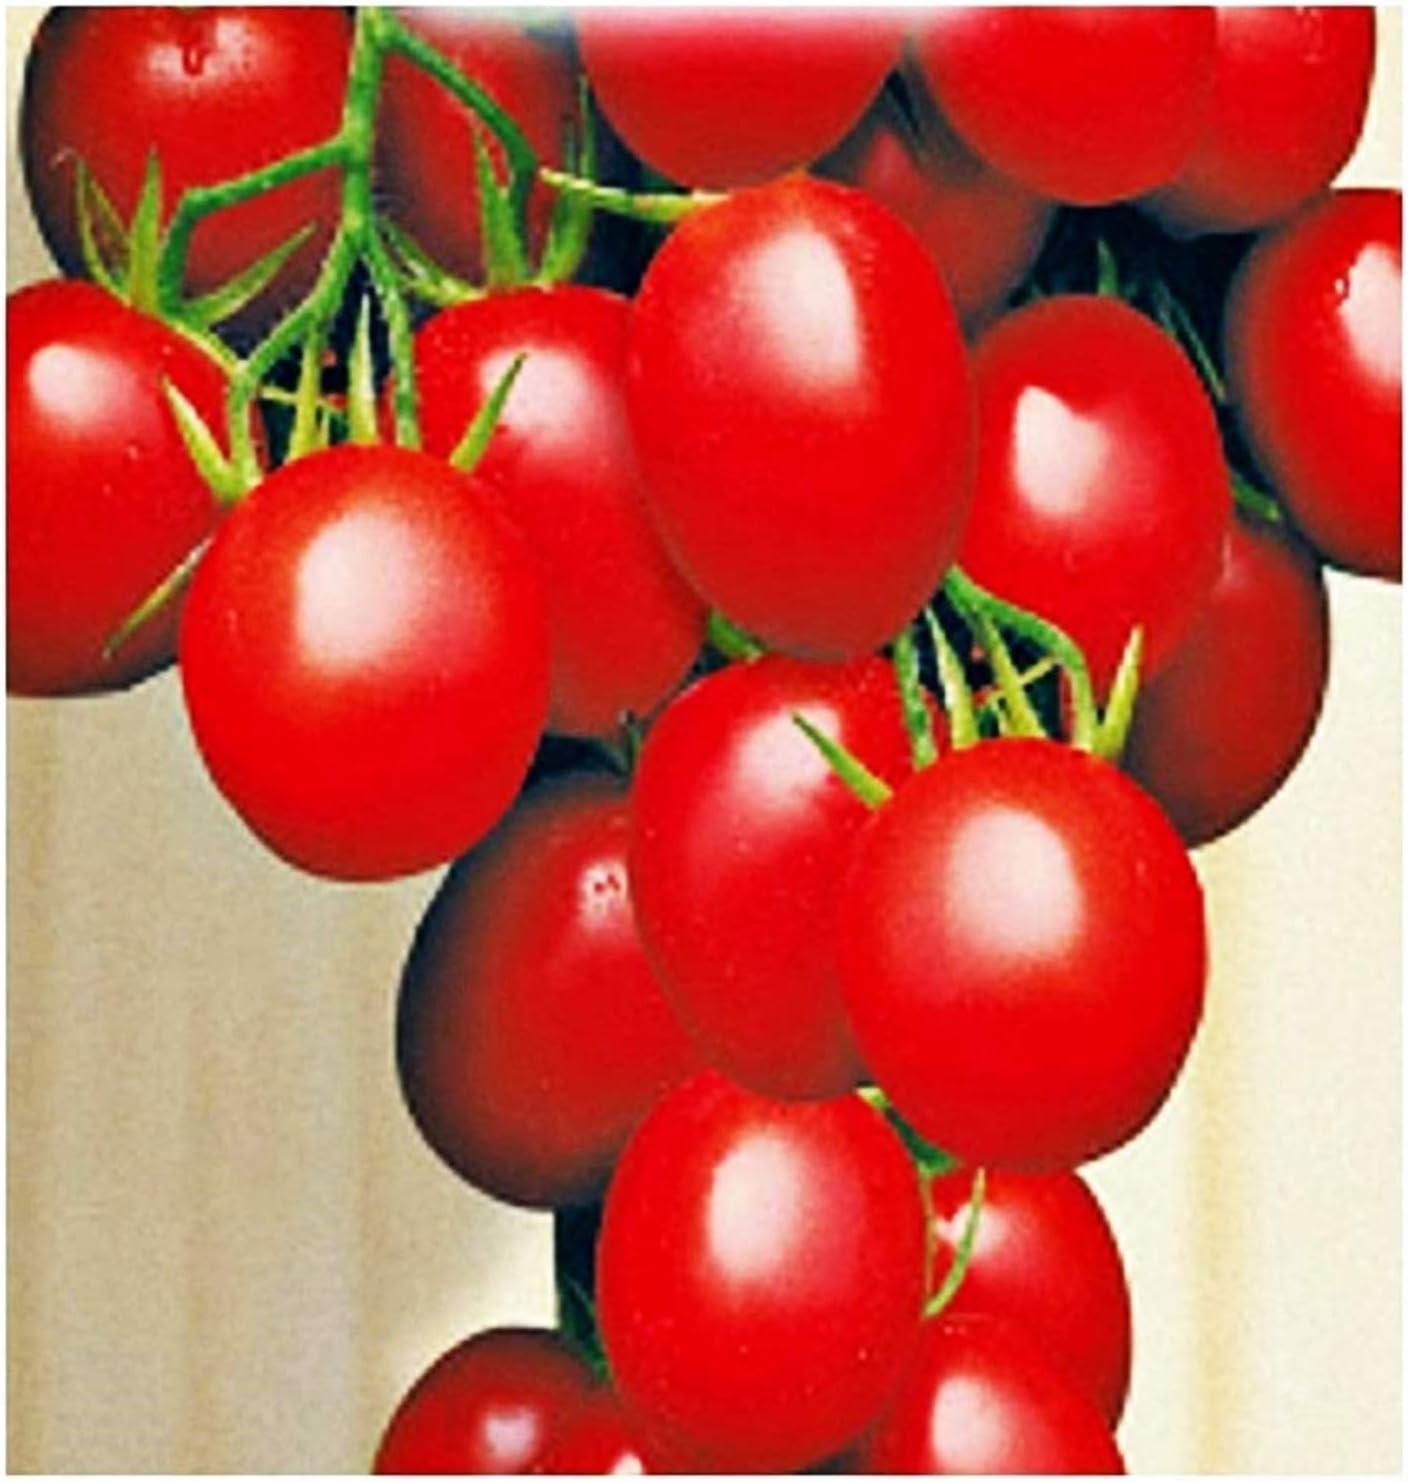 Semillas de tomate de invierno sel - frutas - galatino - tomates - solanum lycopersicum - las mejores semillas de plantas - flores vegetales - raras - aproximadamente 520 semillas - excelente calidad